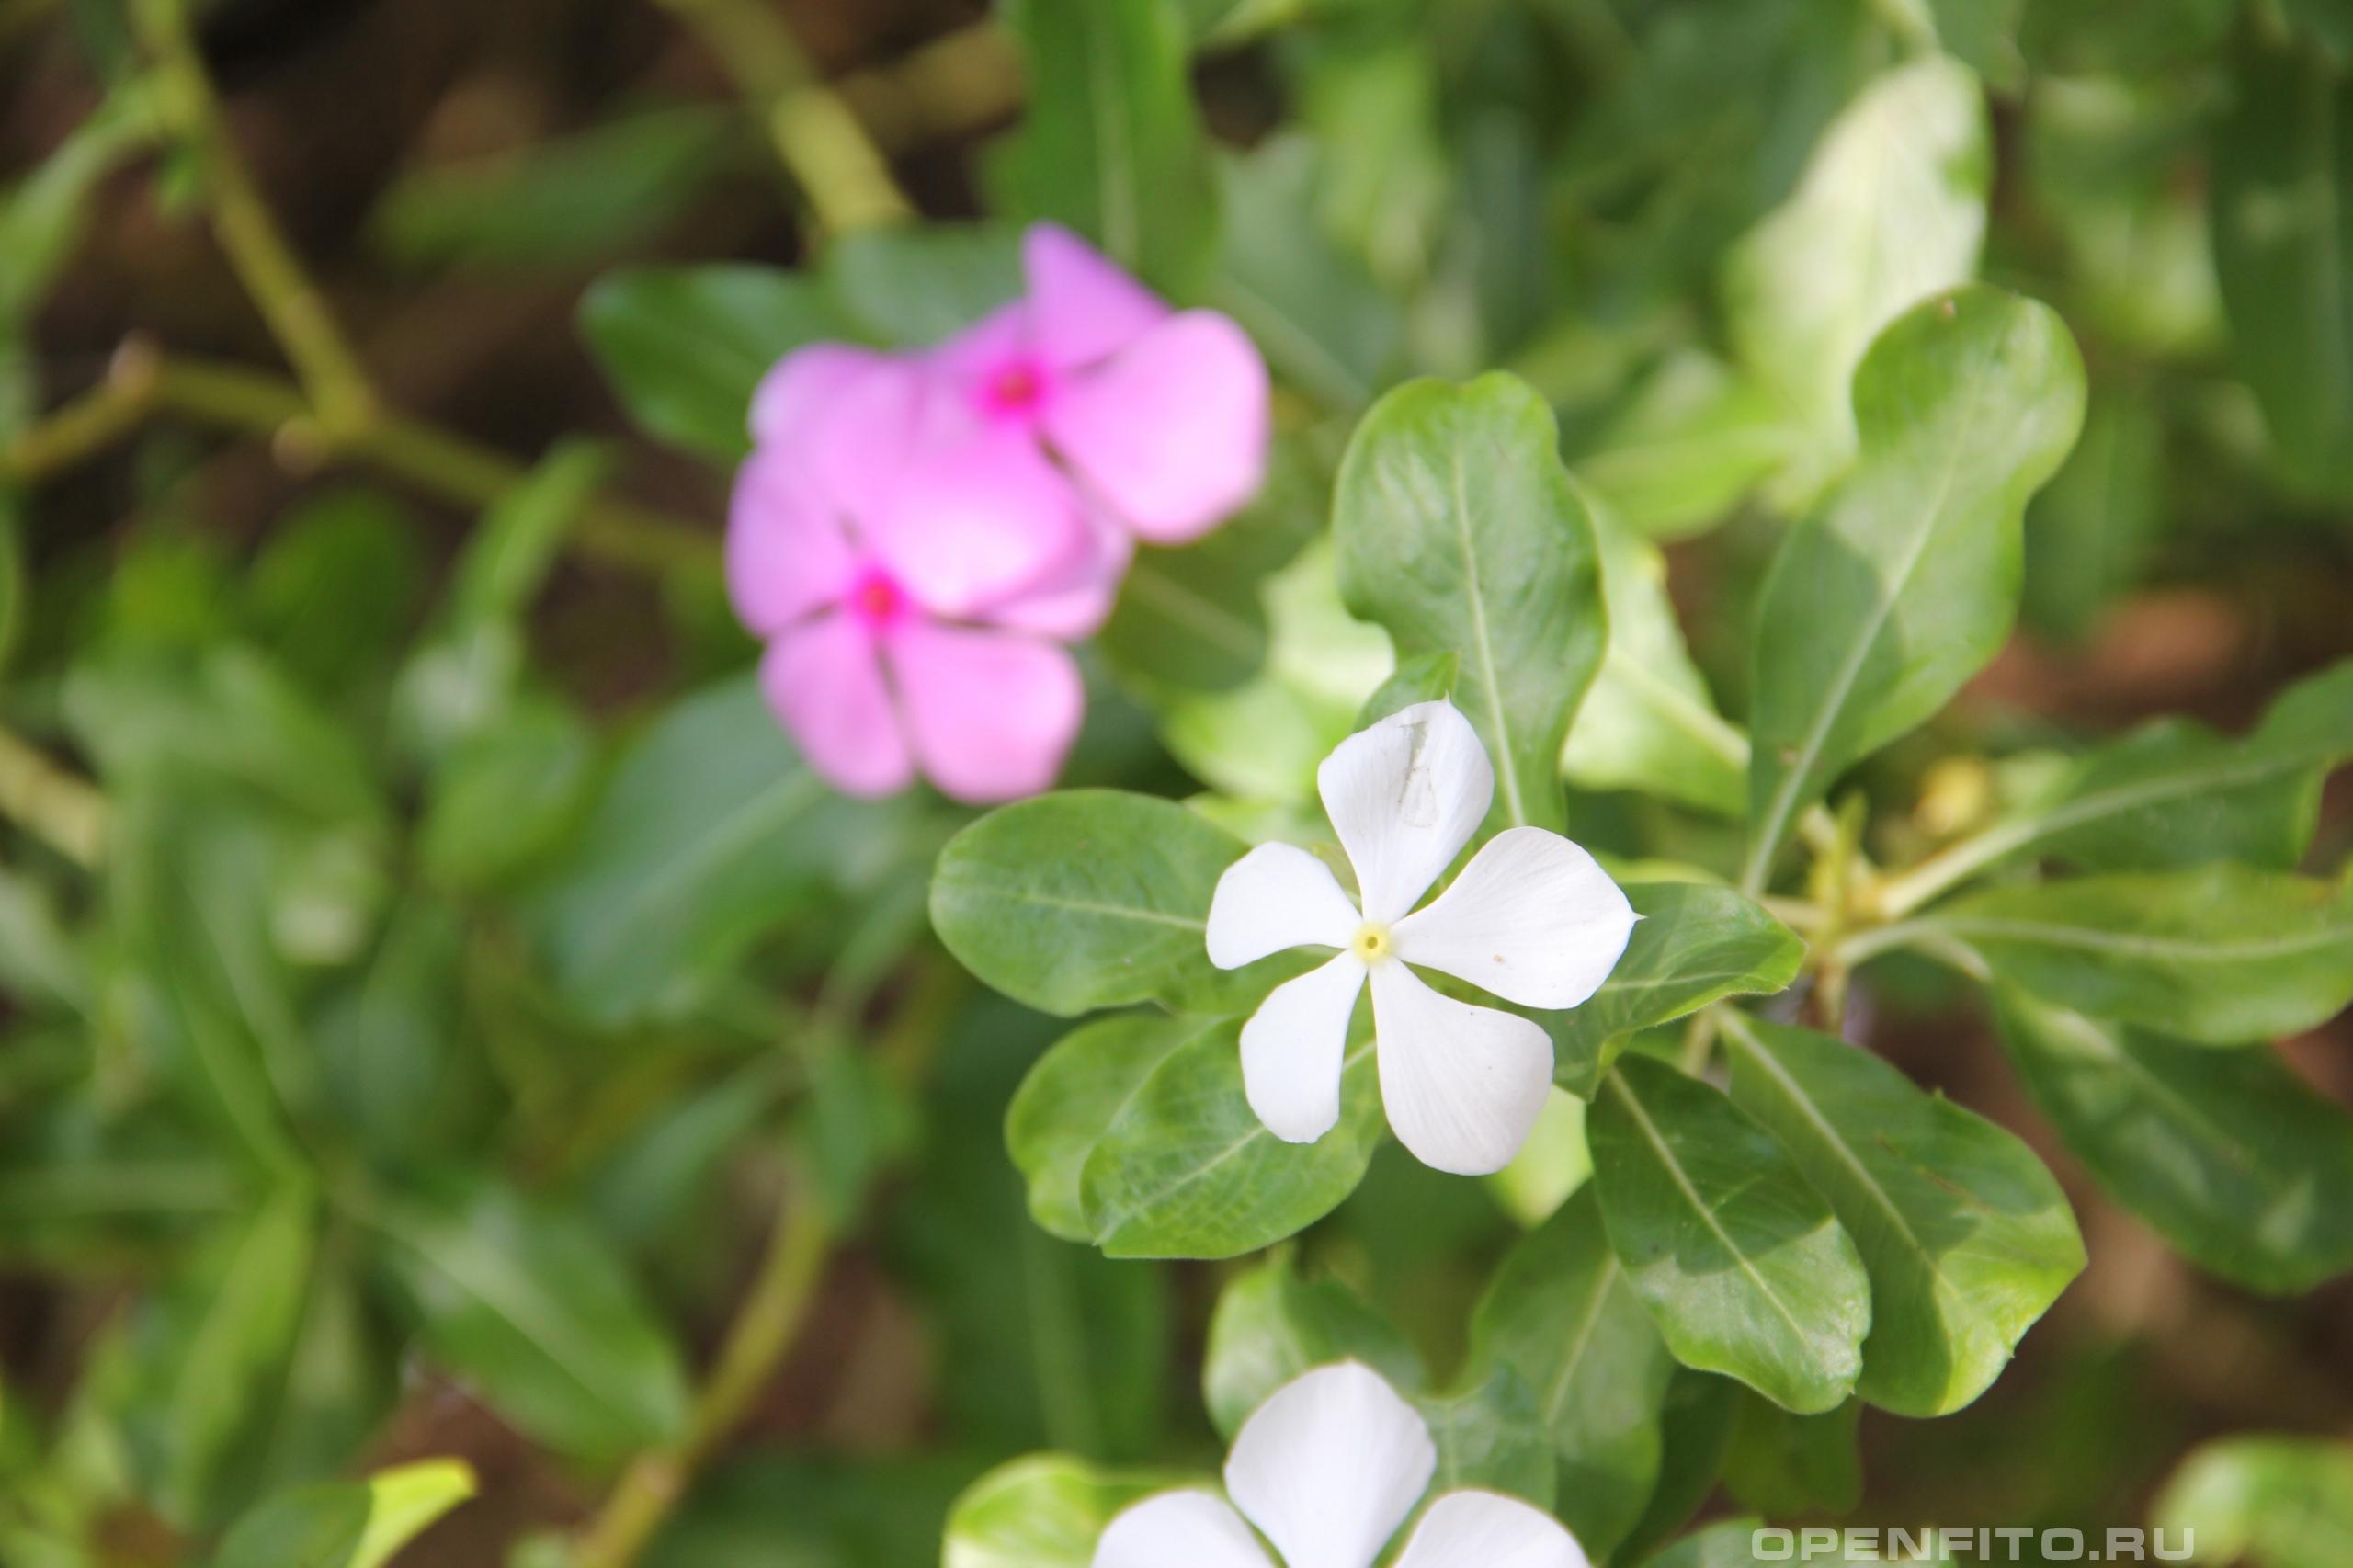 Катарантус розовый иногда его называют барвинком розовым, бывает белым и розовым